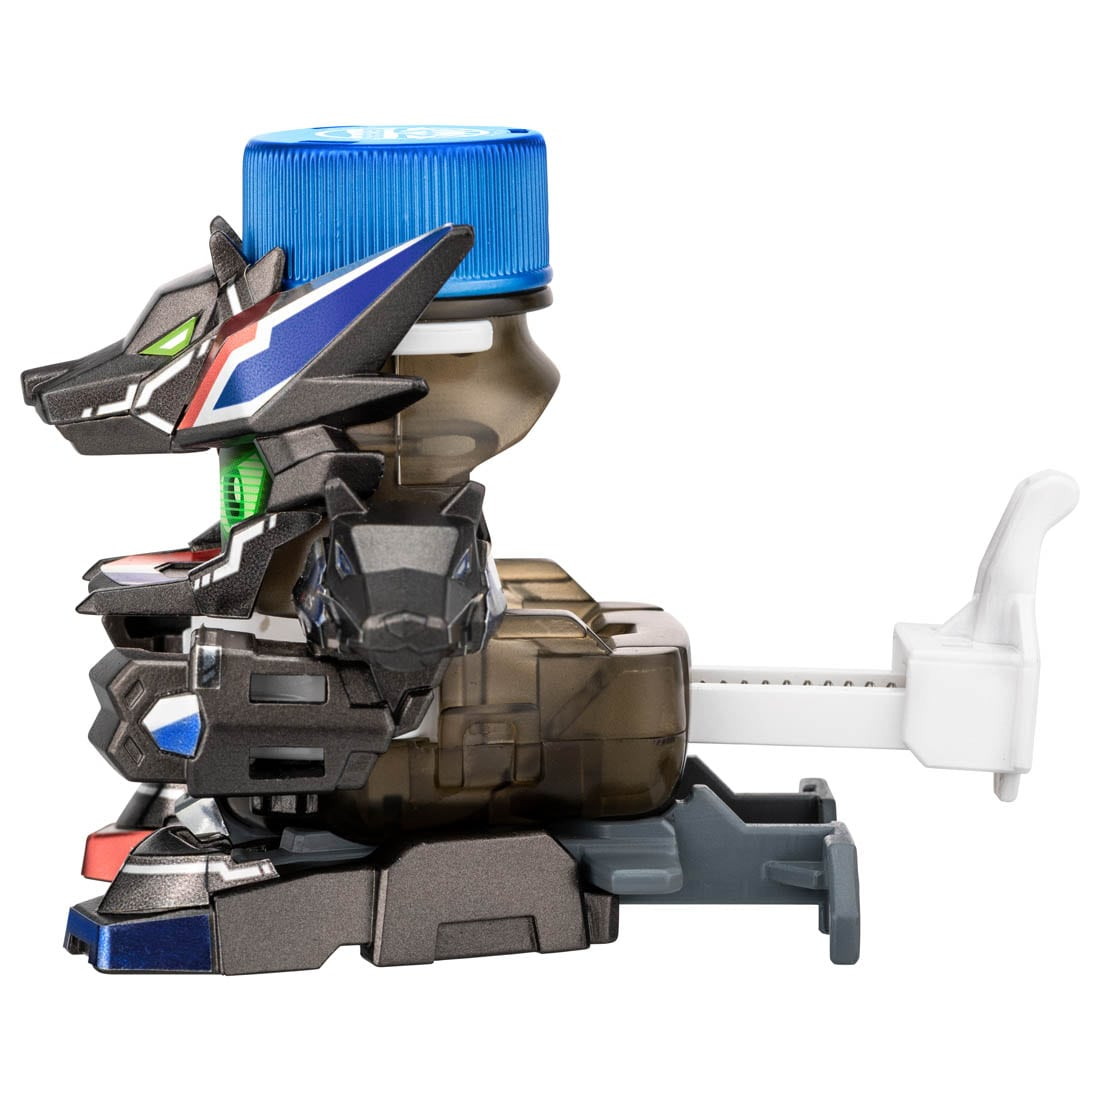 キャップ革命 ボトルマン『BOT-20 ケルペプス』おもちゃ-004